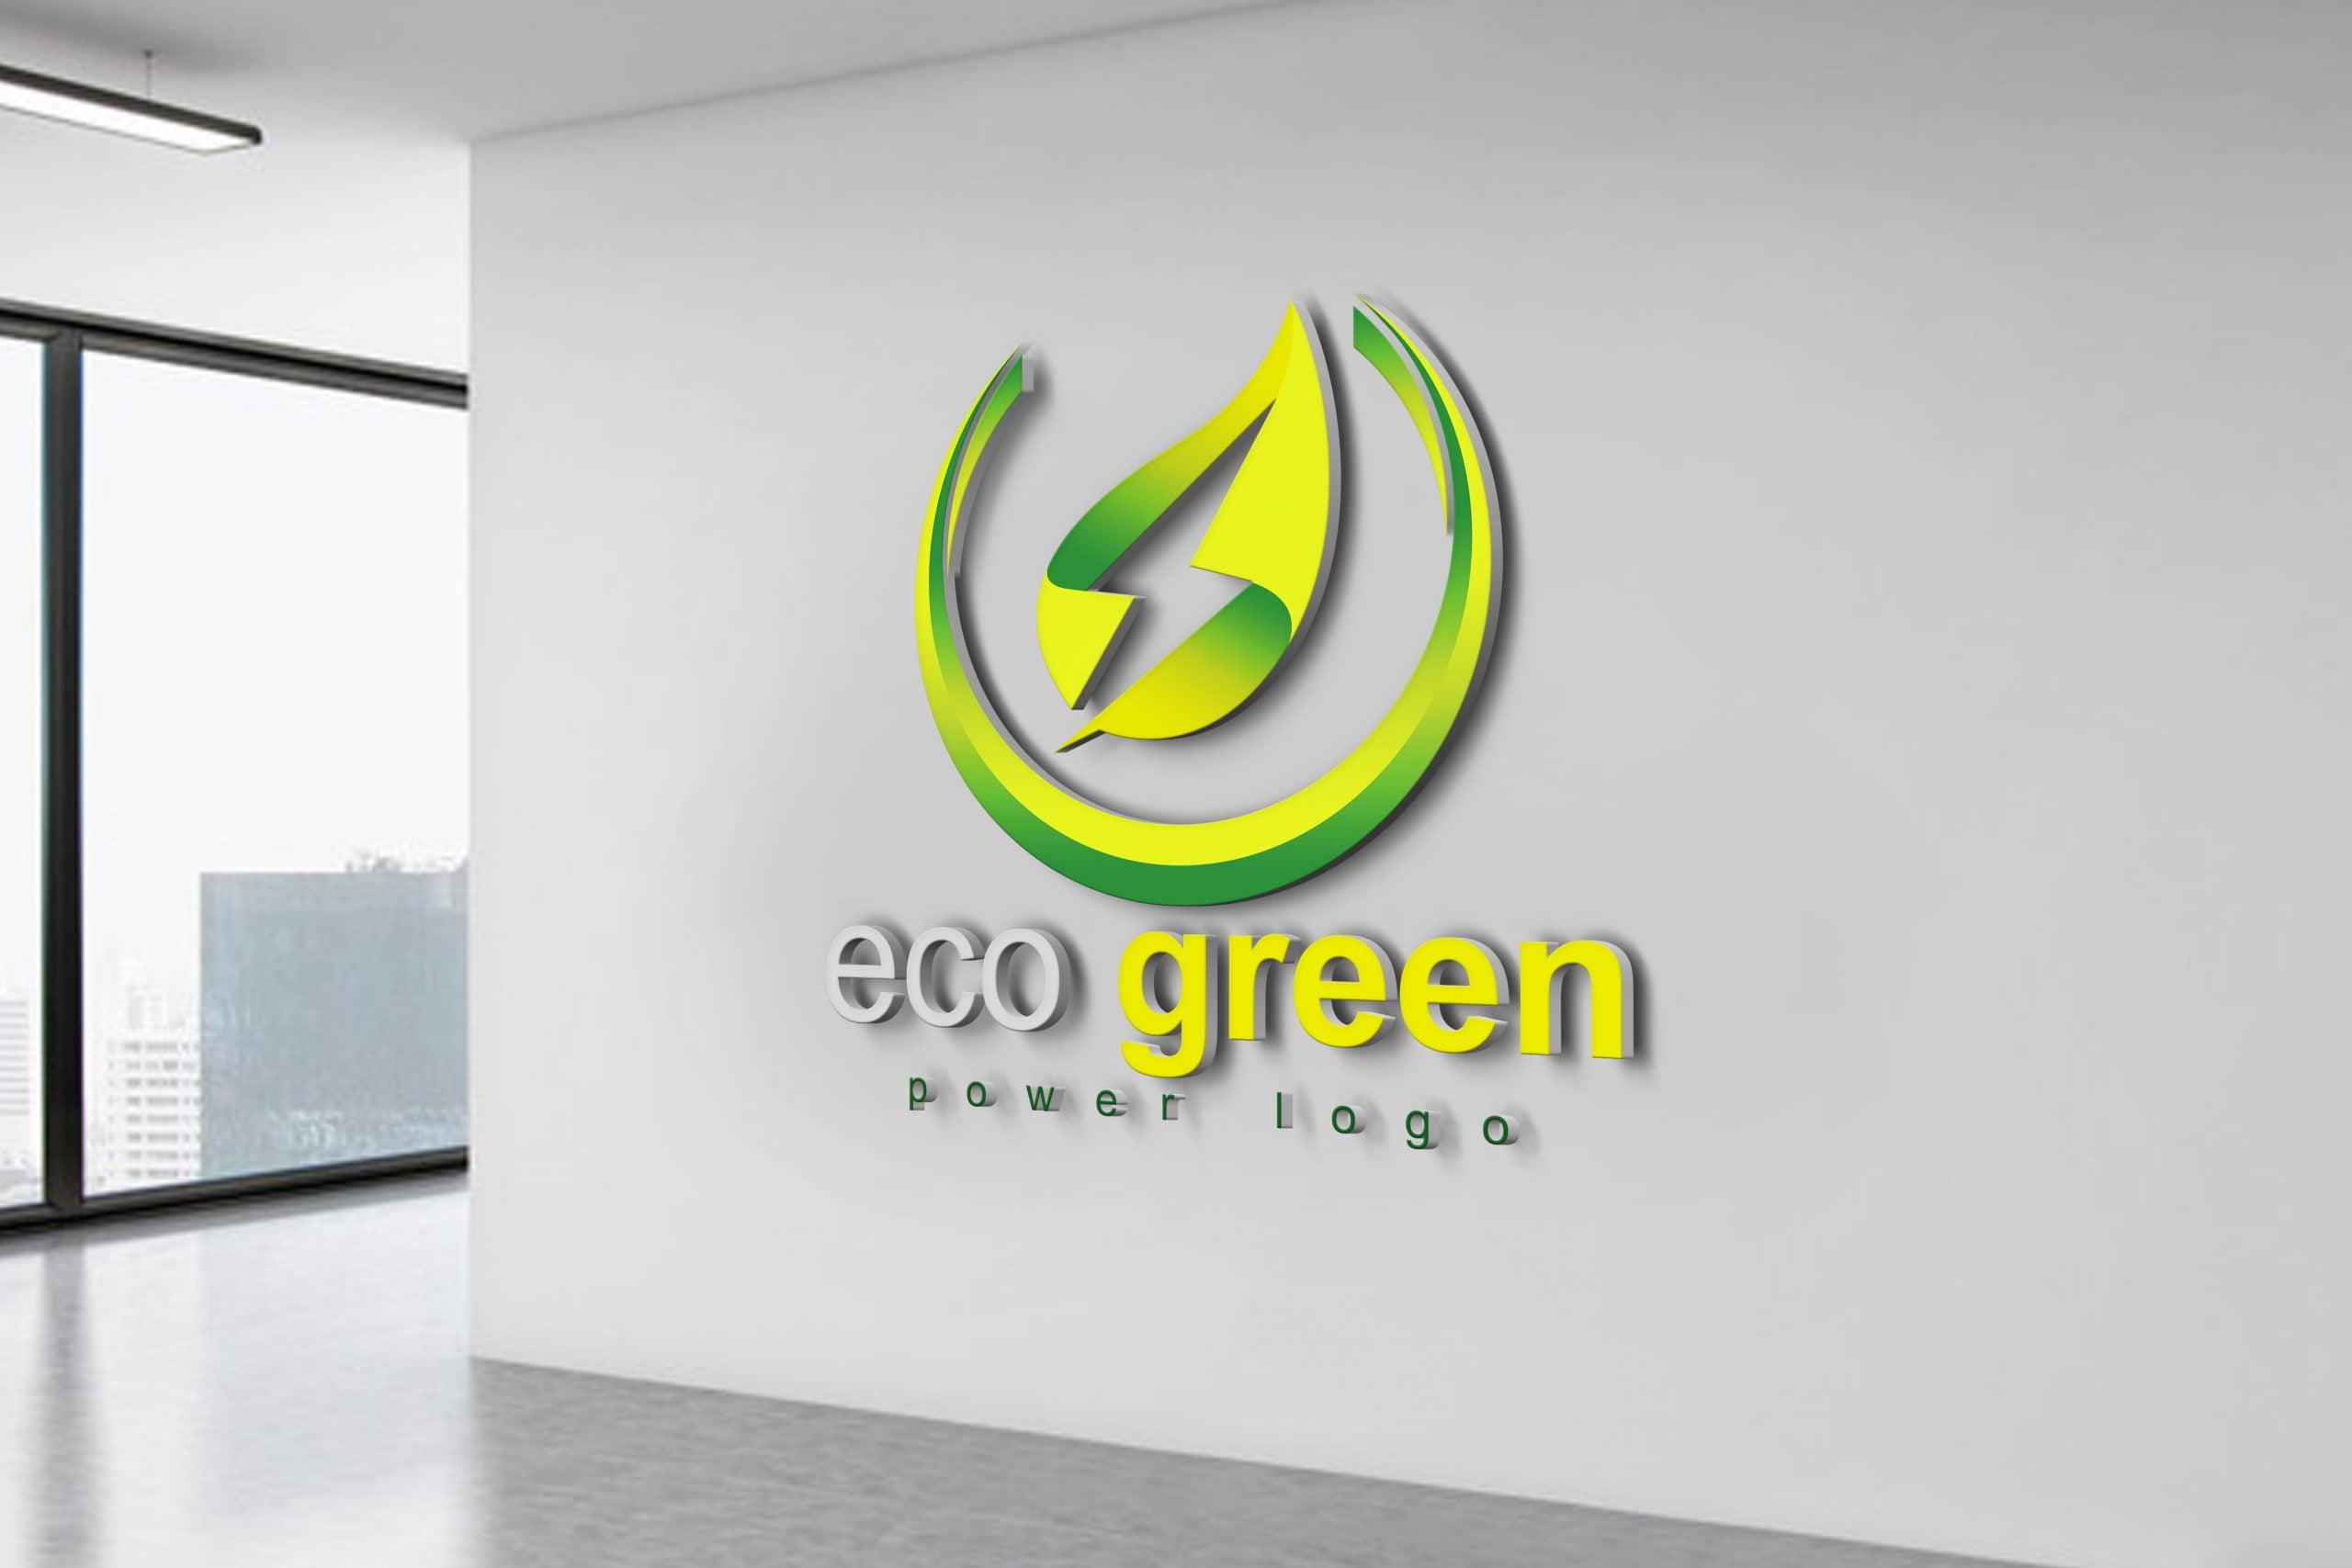 Eco Power Logo Design